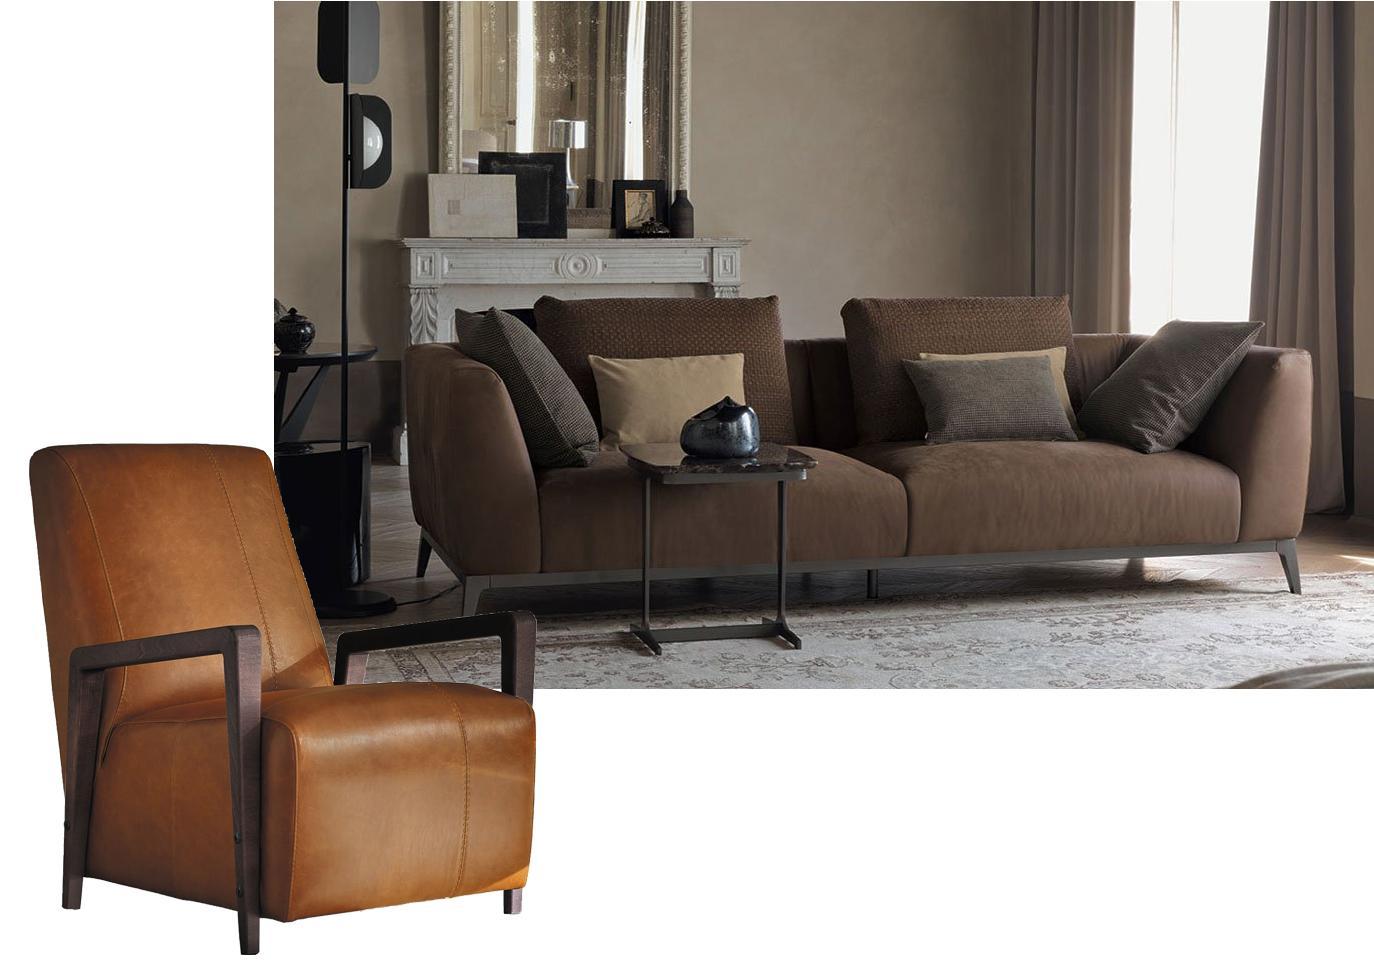 Cuscini Su Divano Marrone divano e poltrona da abbinare per un soggiorno più comodo